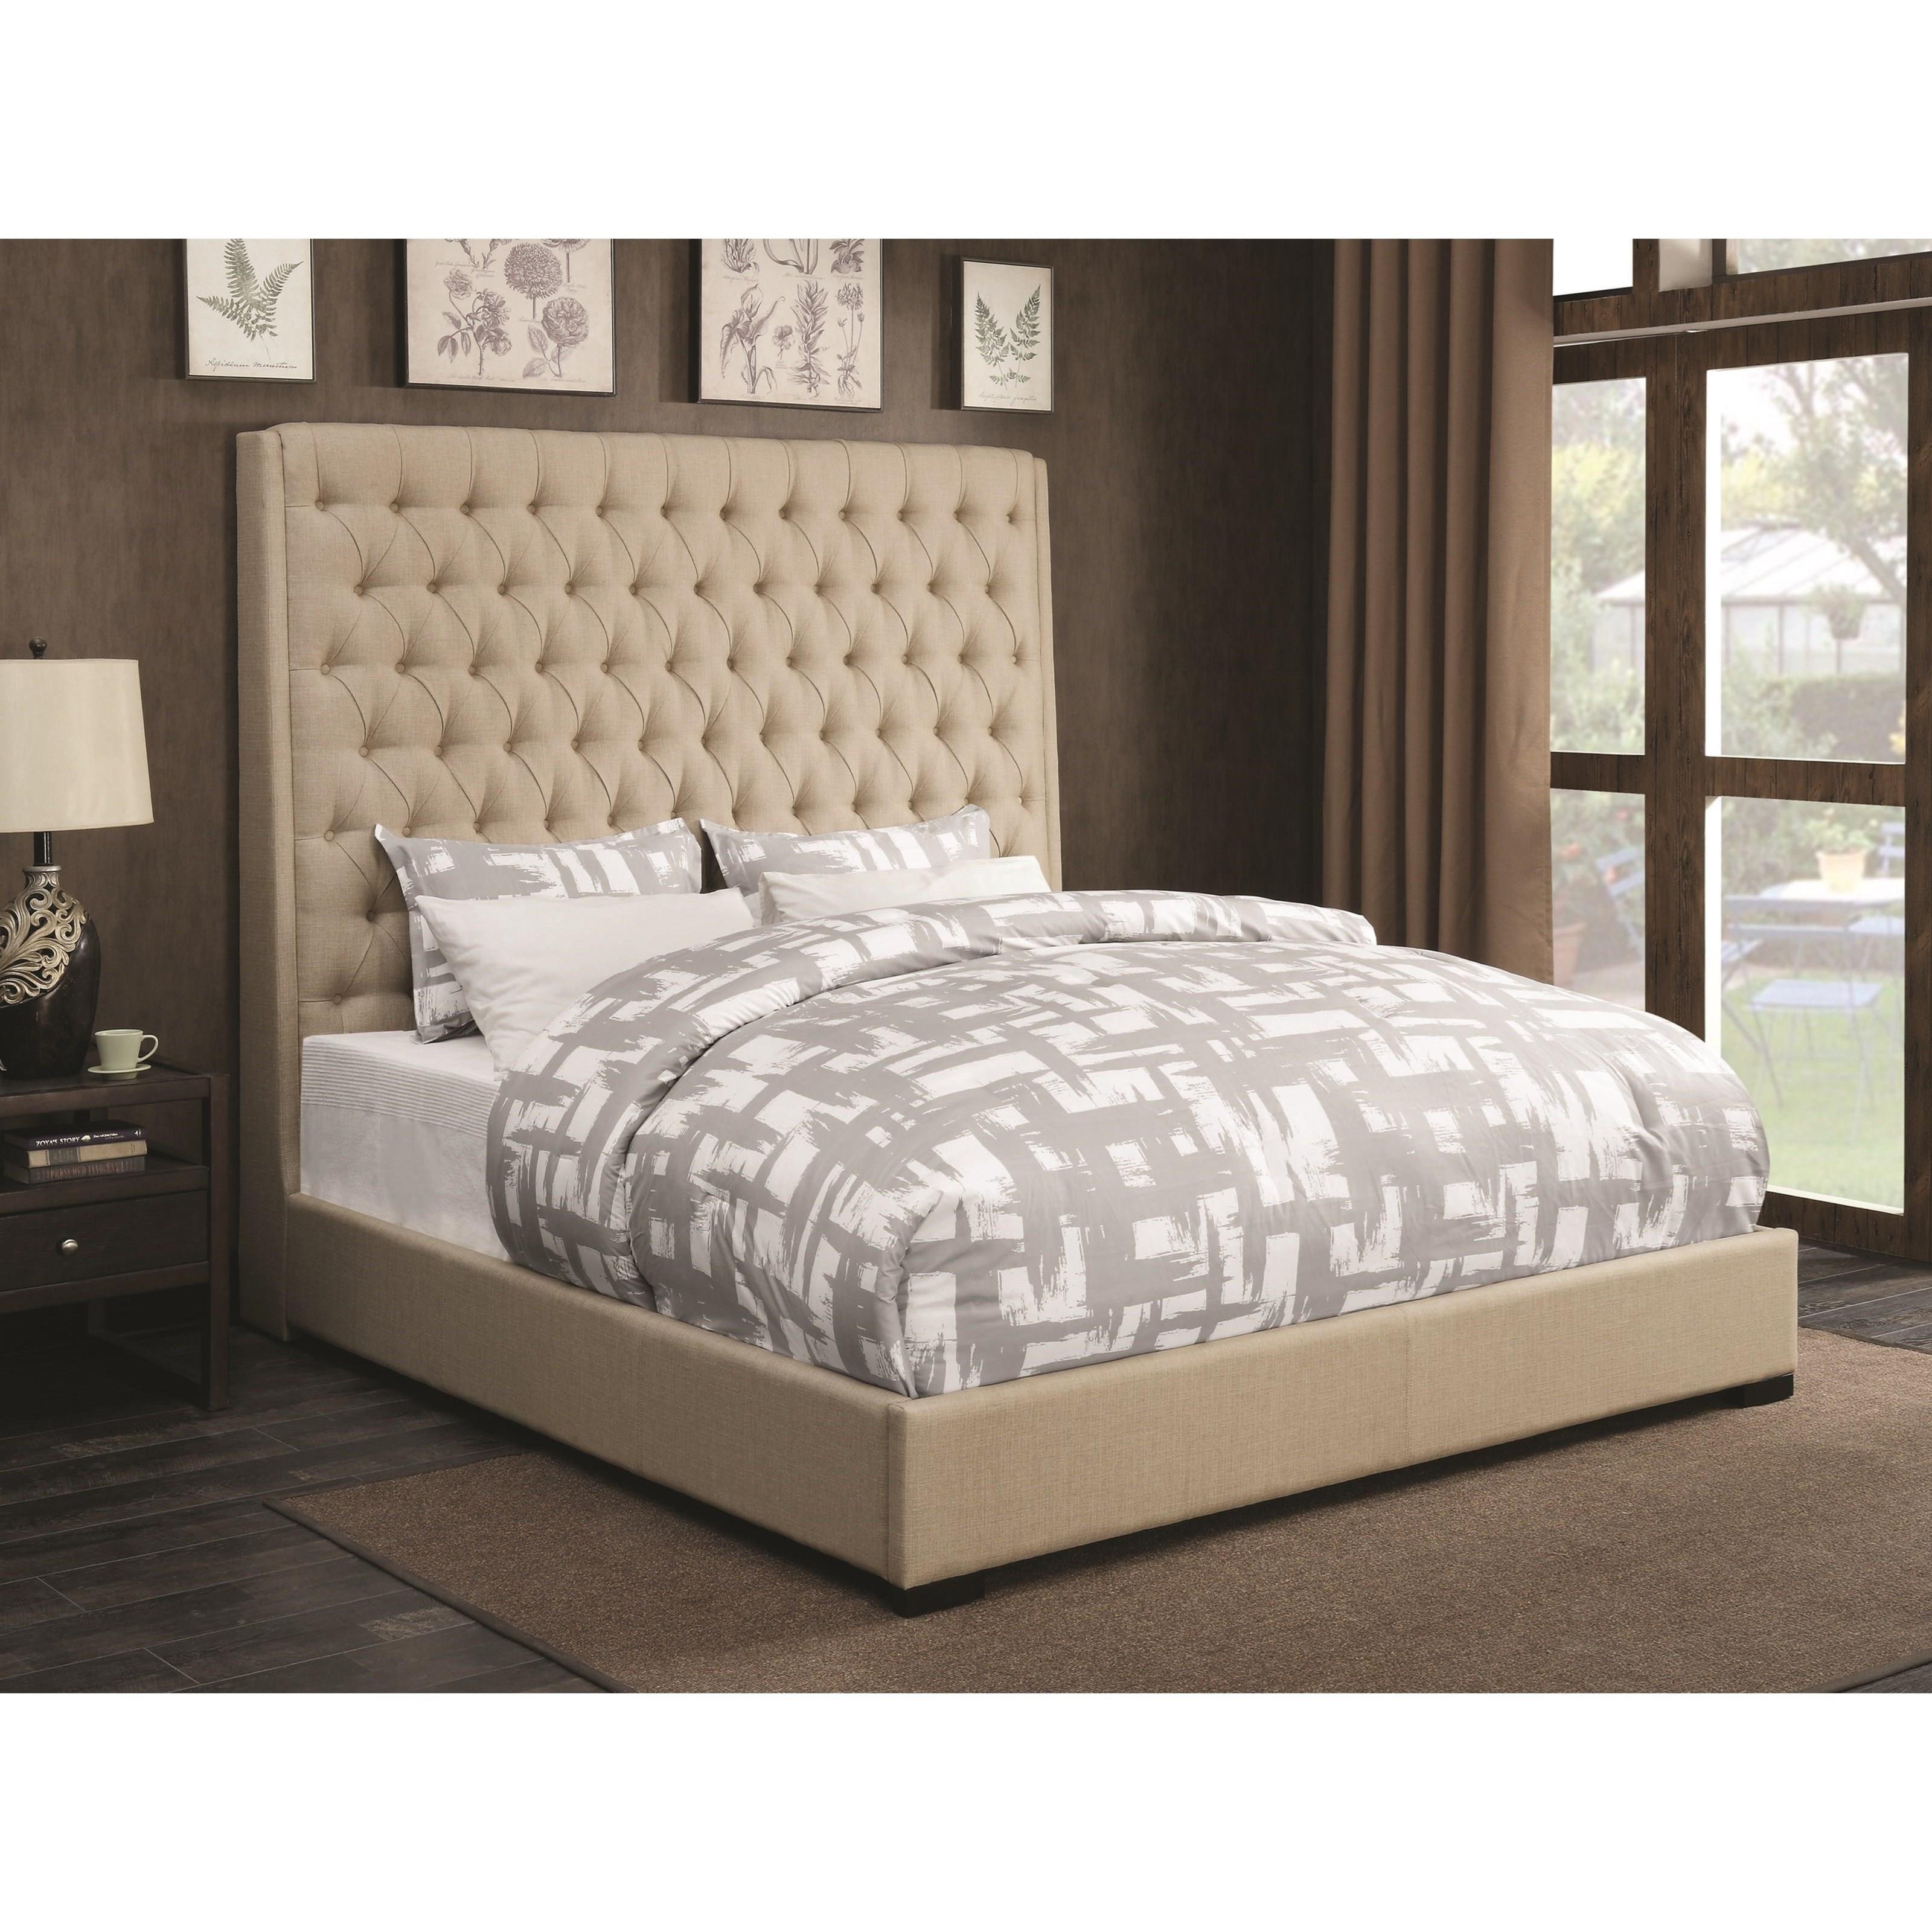 Delicieux Coaster Upholstered Beds King Bed   Item Number: 300722KE